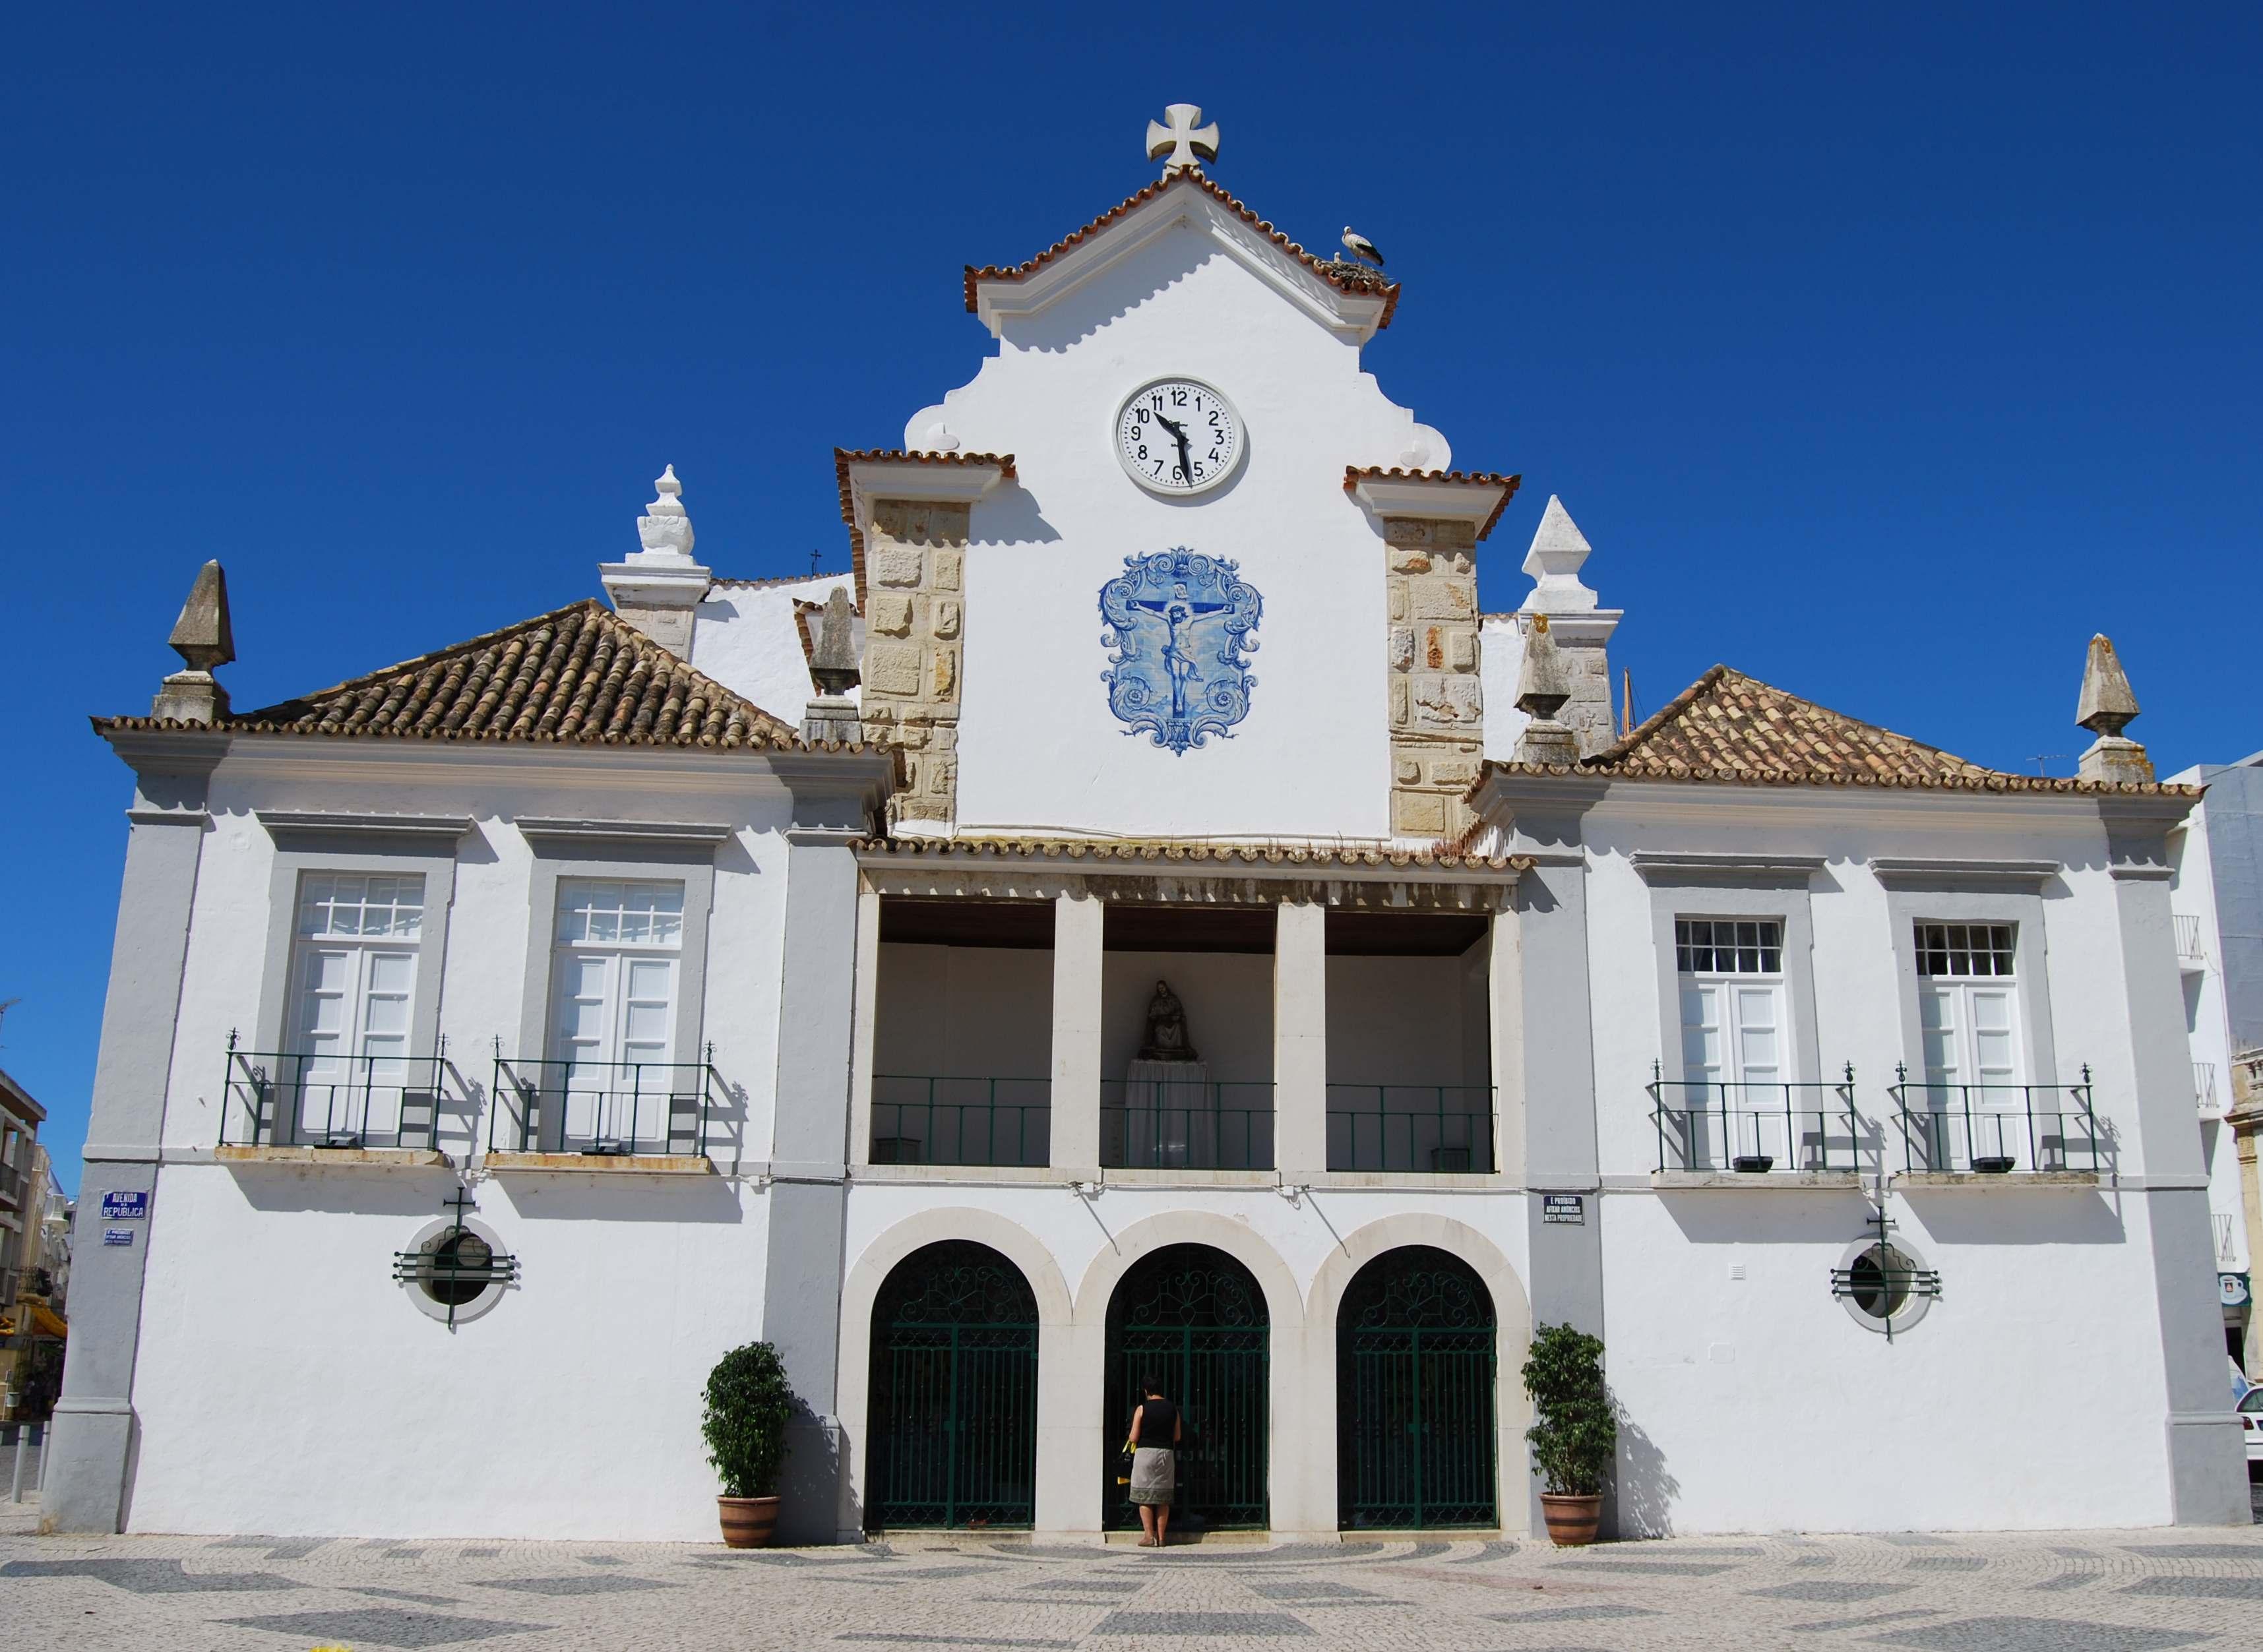 Igreja Matriz de Na Sra do Rosario